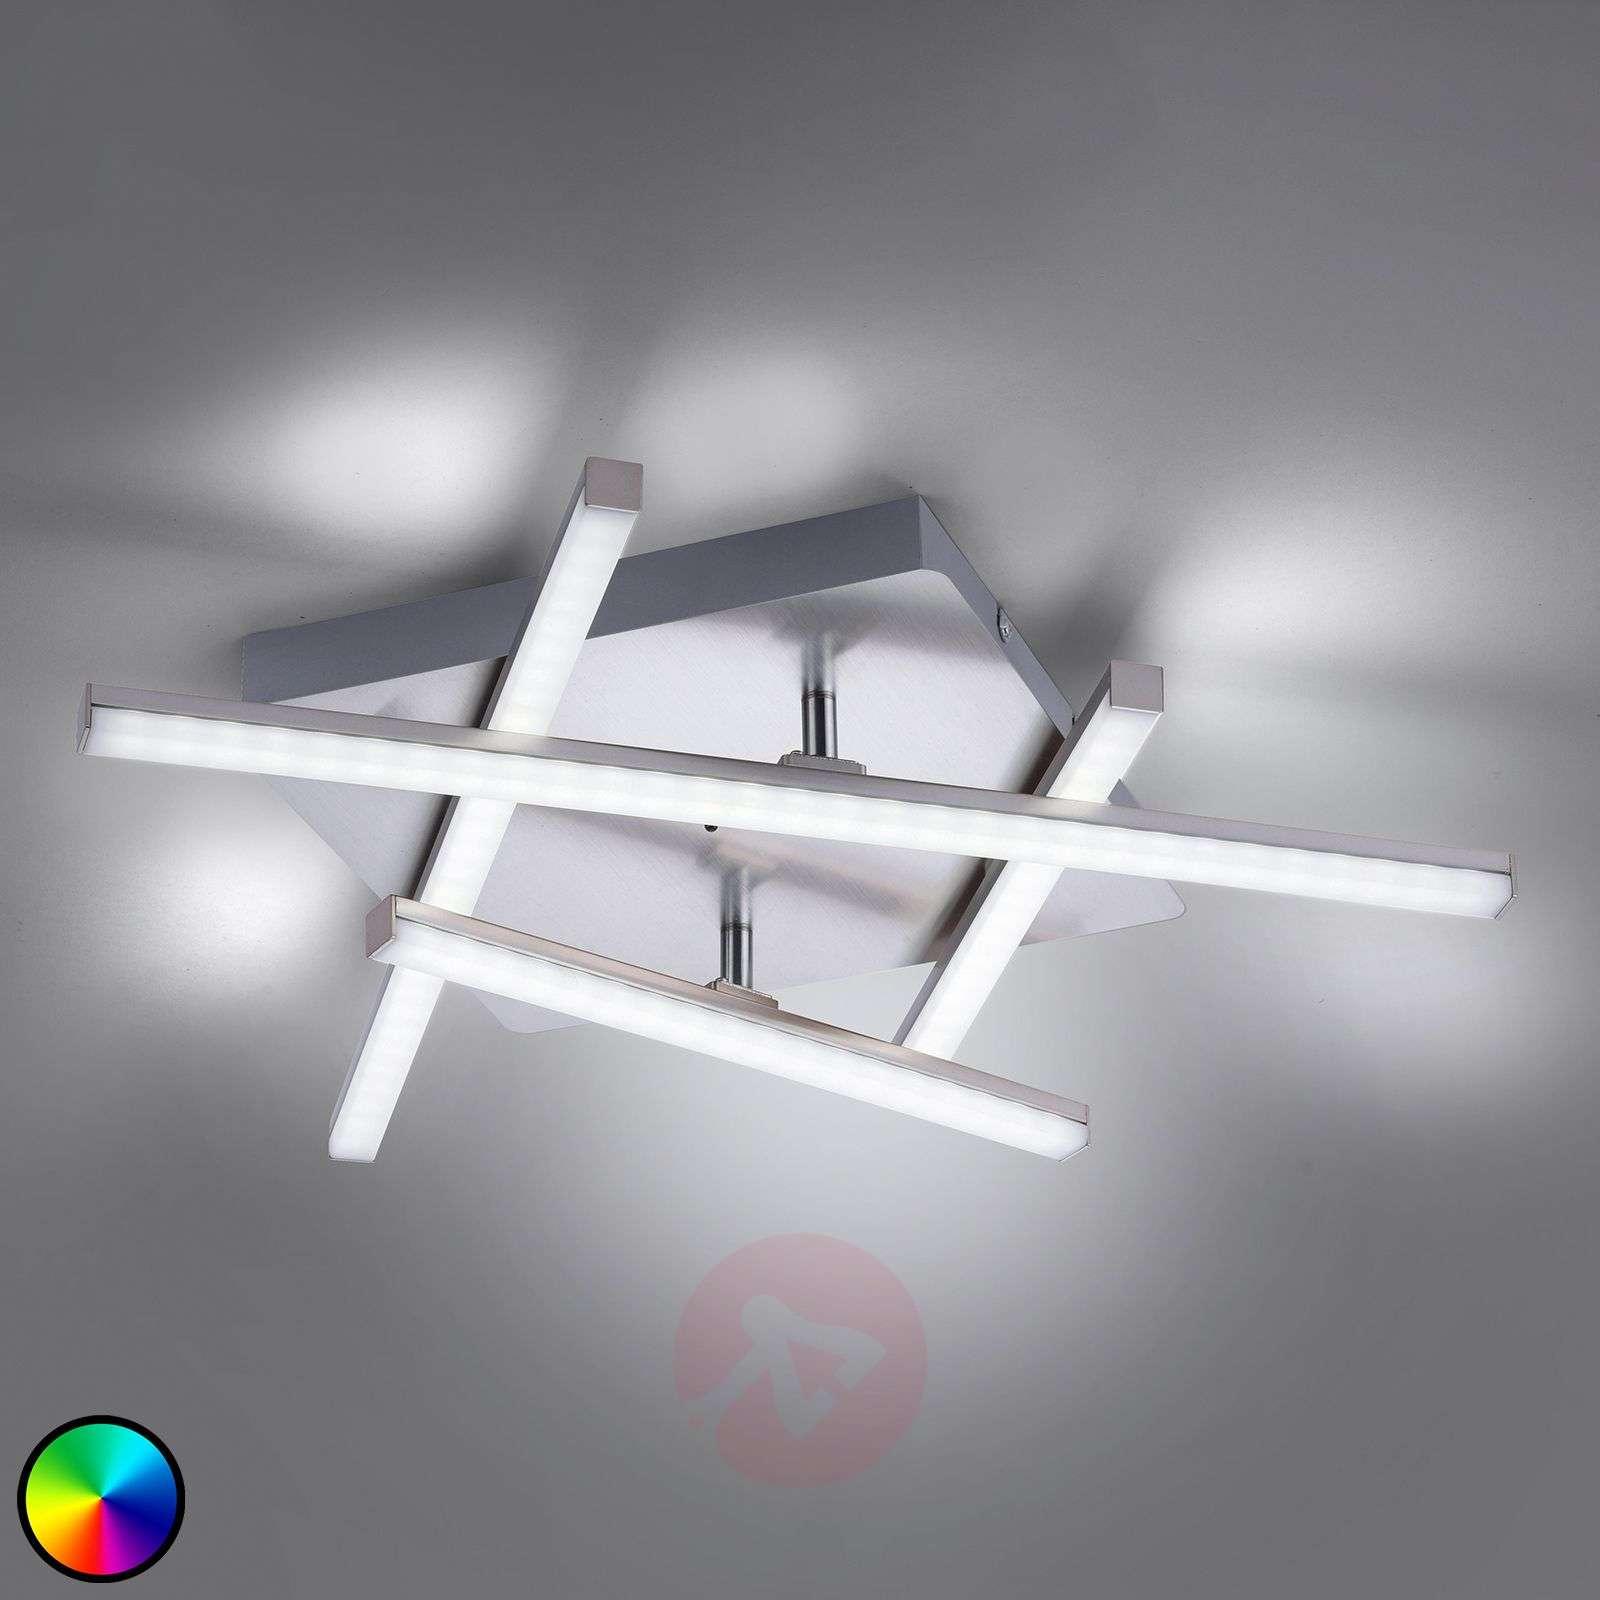 LED-kattovalaisin Caja, sisältää kaukosäätimen-7620044-02